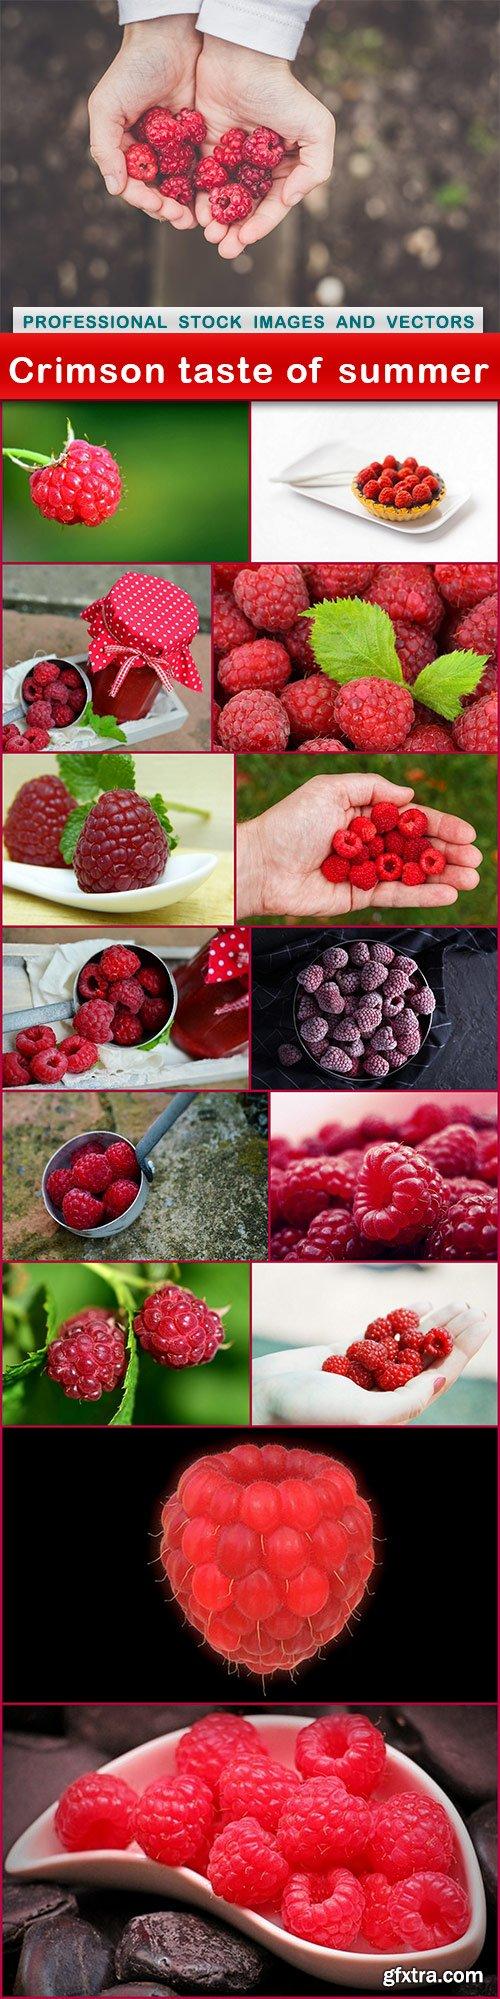 Crimson taste of summer - 15 UHQ JPEG